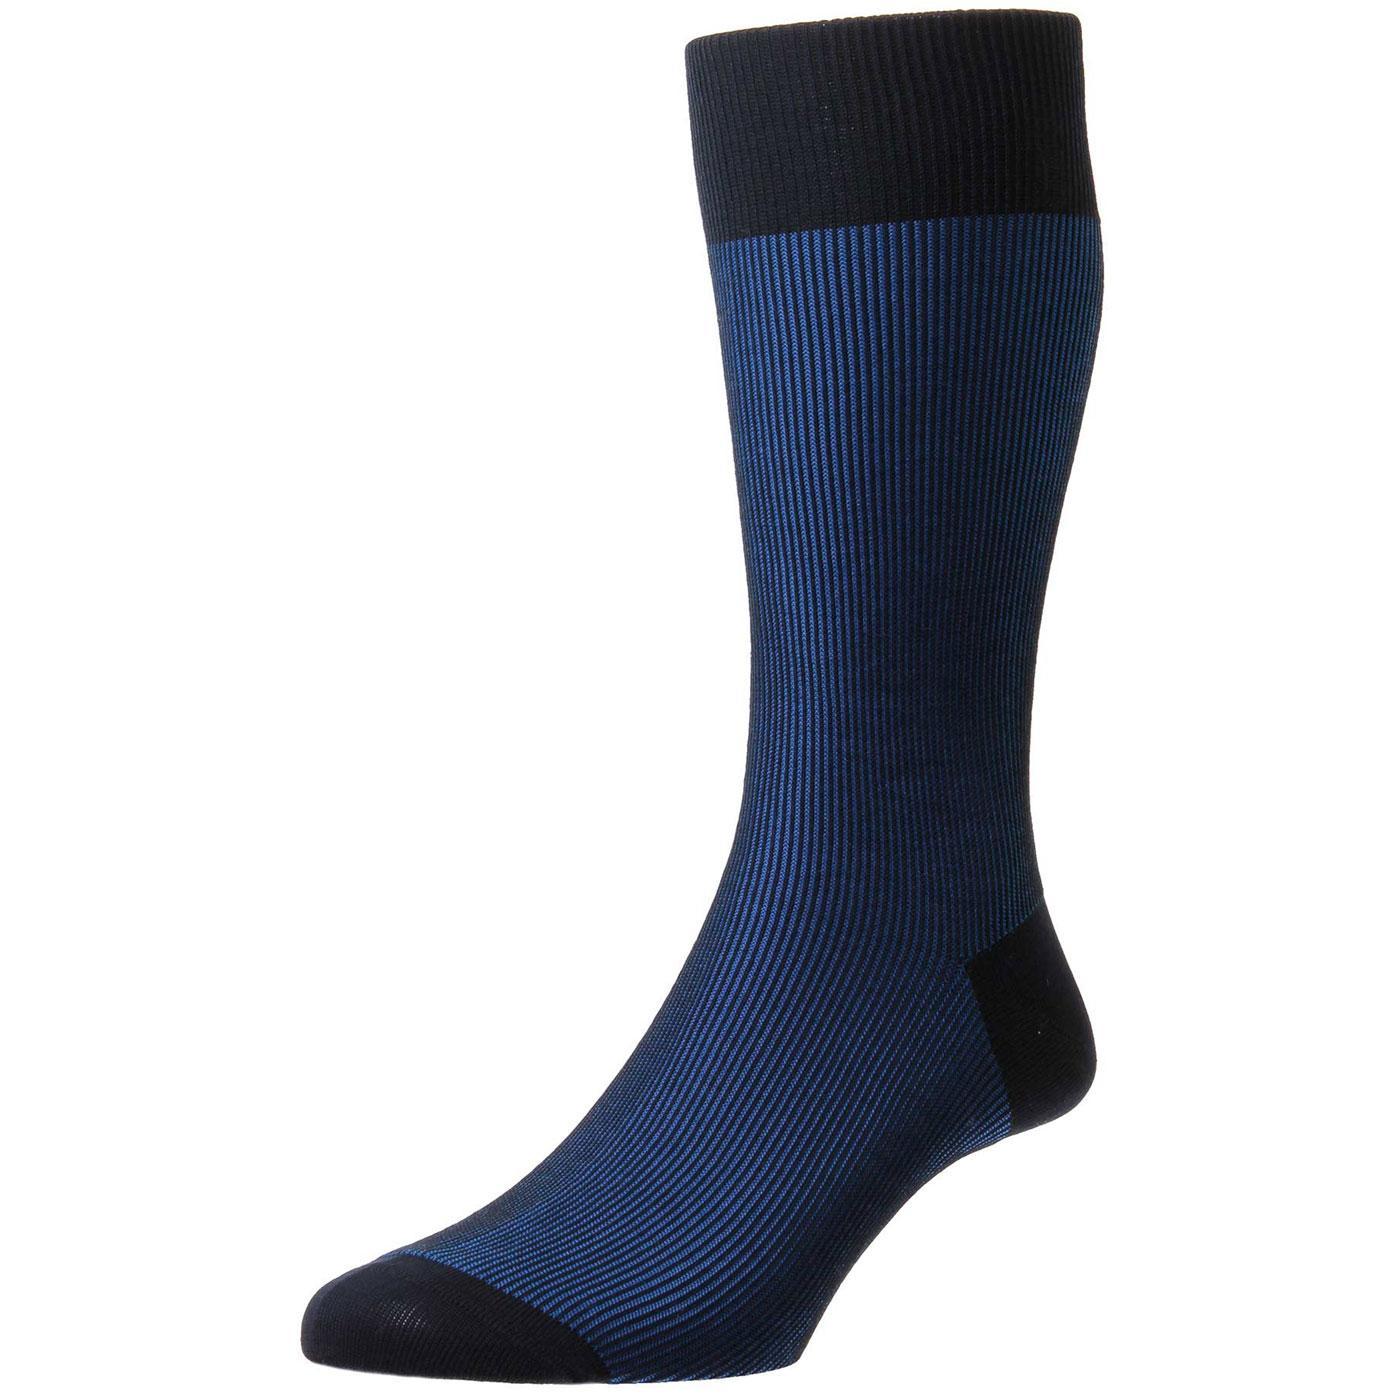 + Santos PANTHERELLA Men's Tonic Effect Socks N